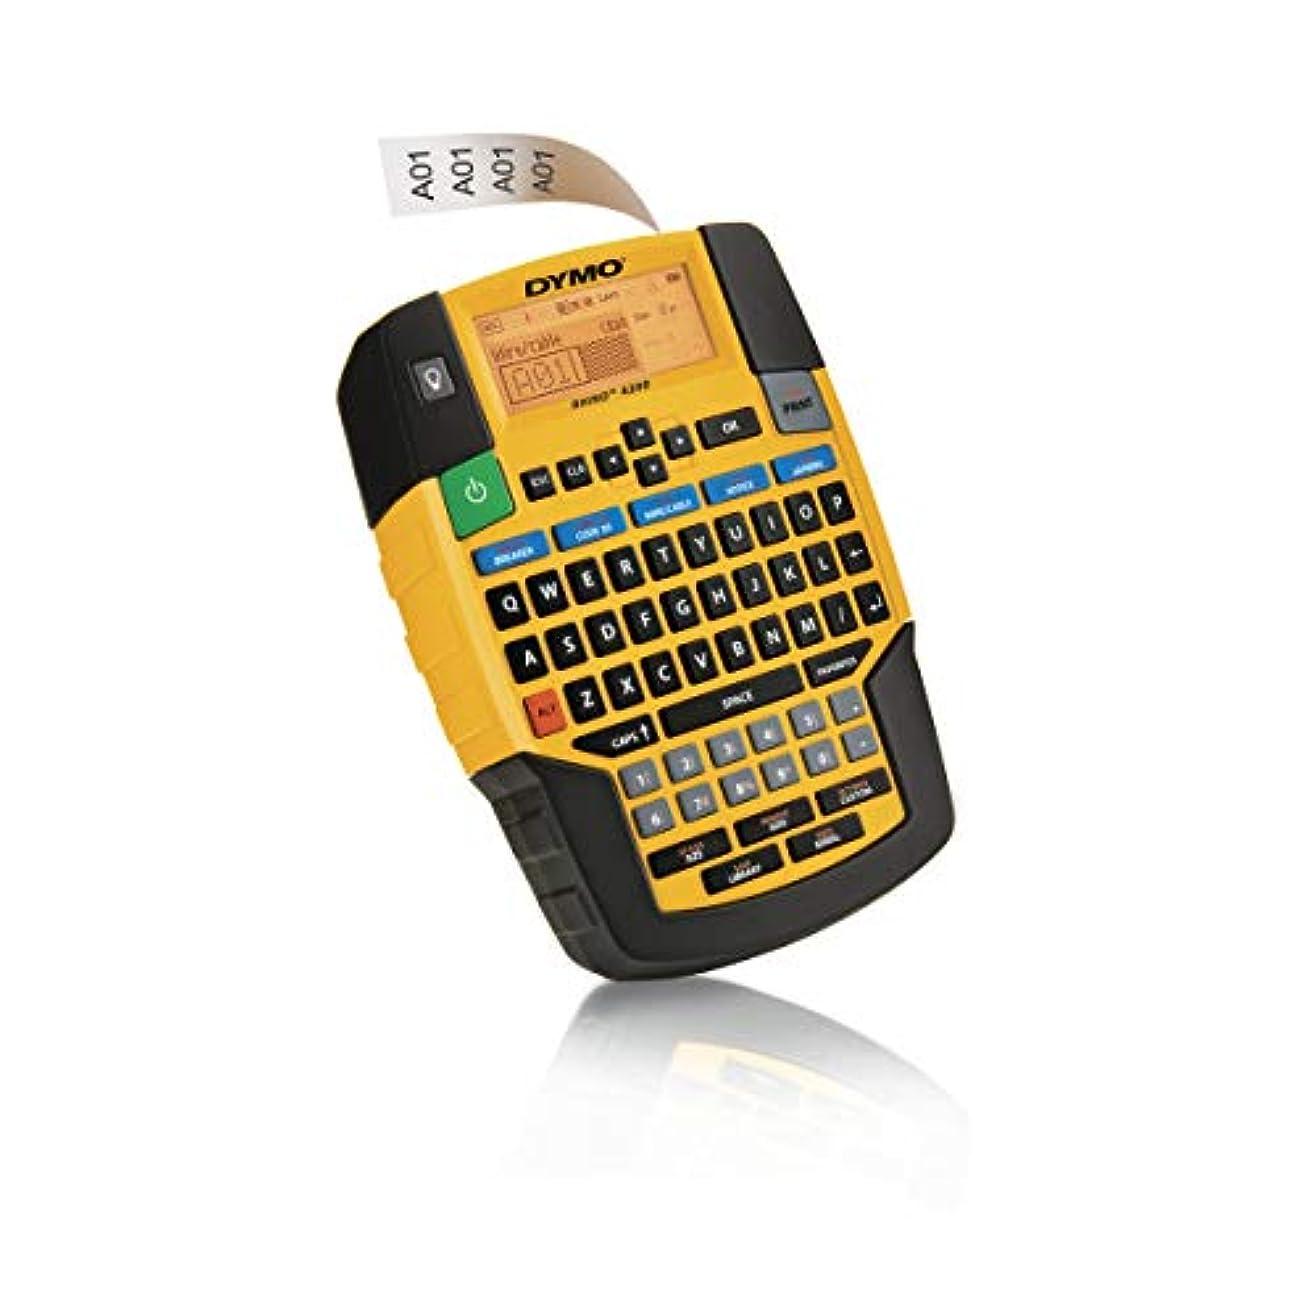 グリースひそかに無法者Dymo Rhino 4200 Label Maker for Security and Pro A/V